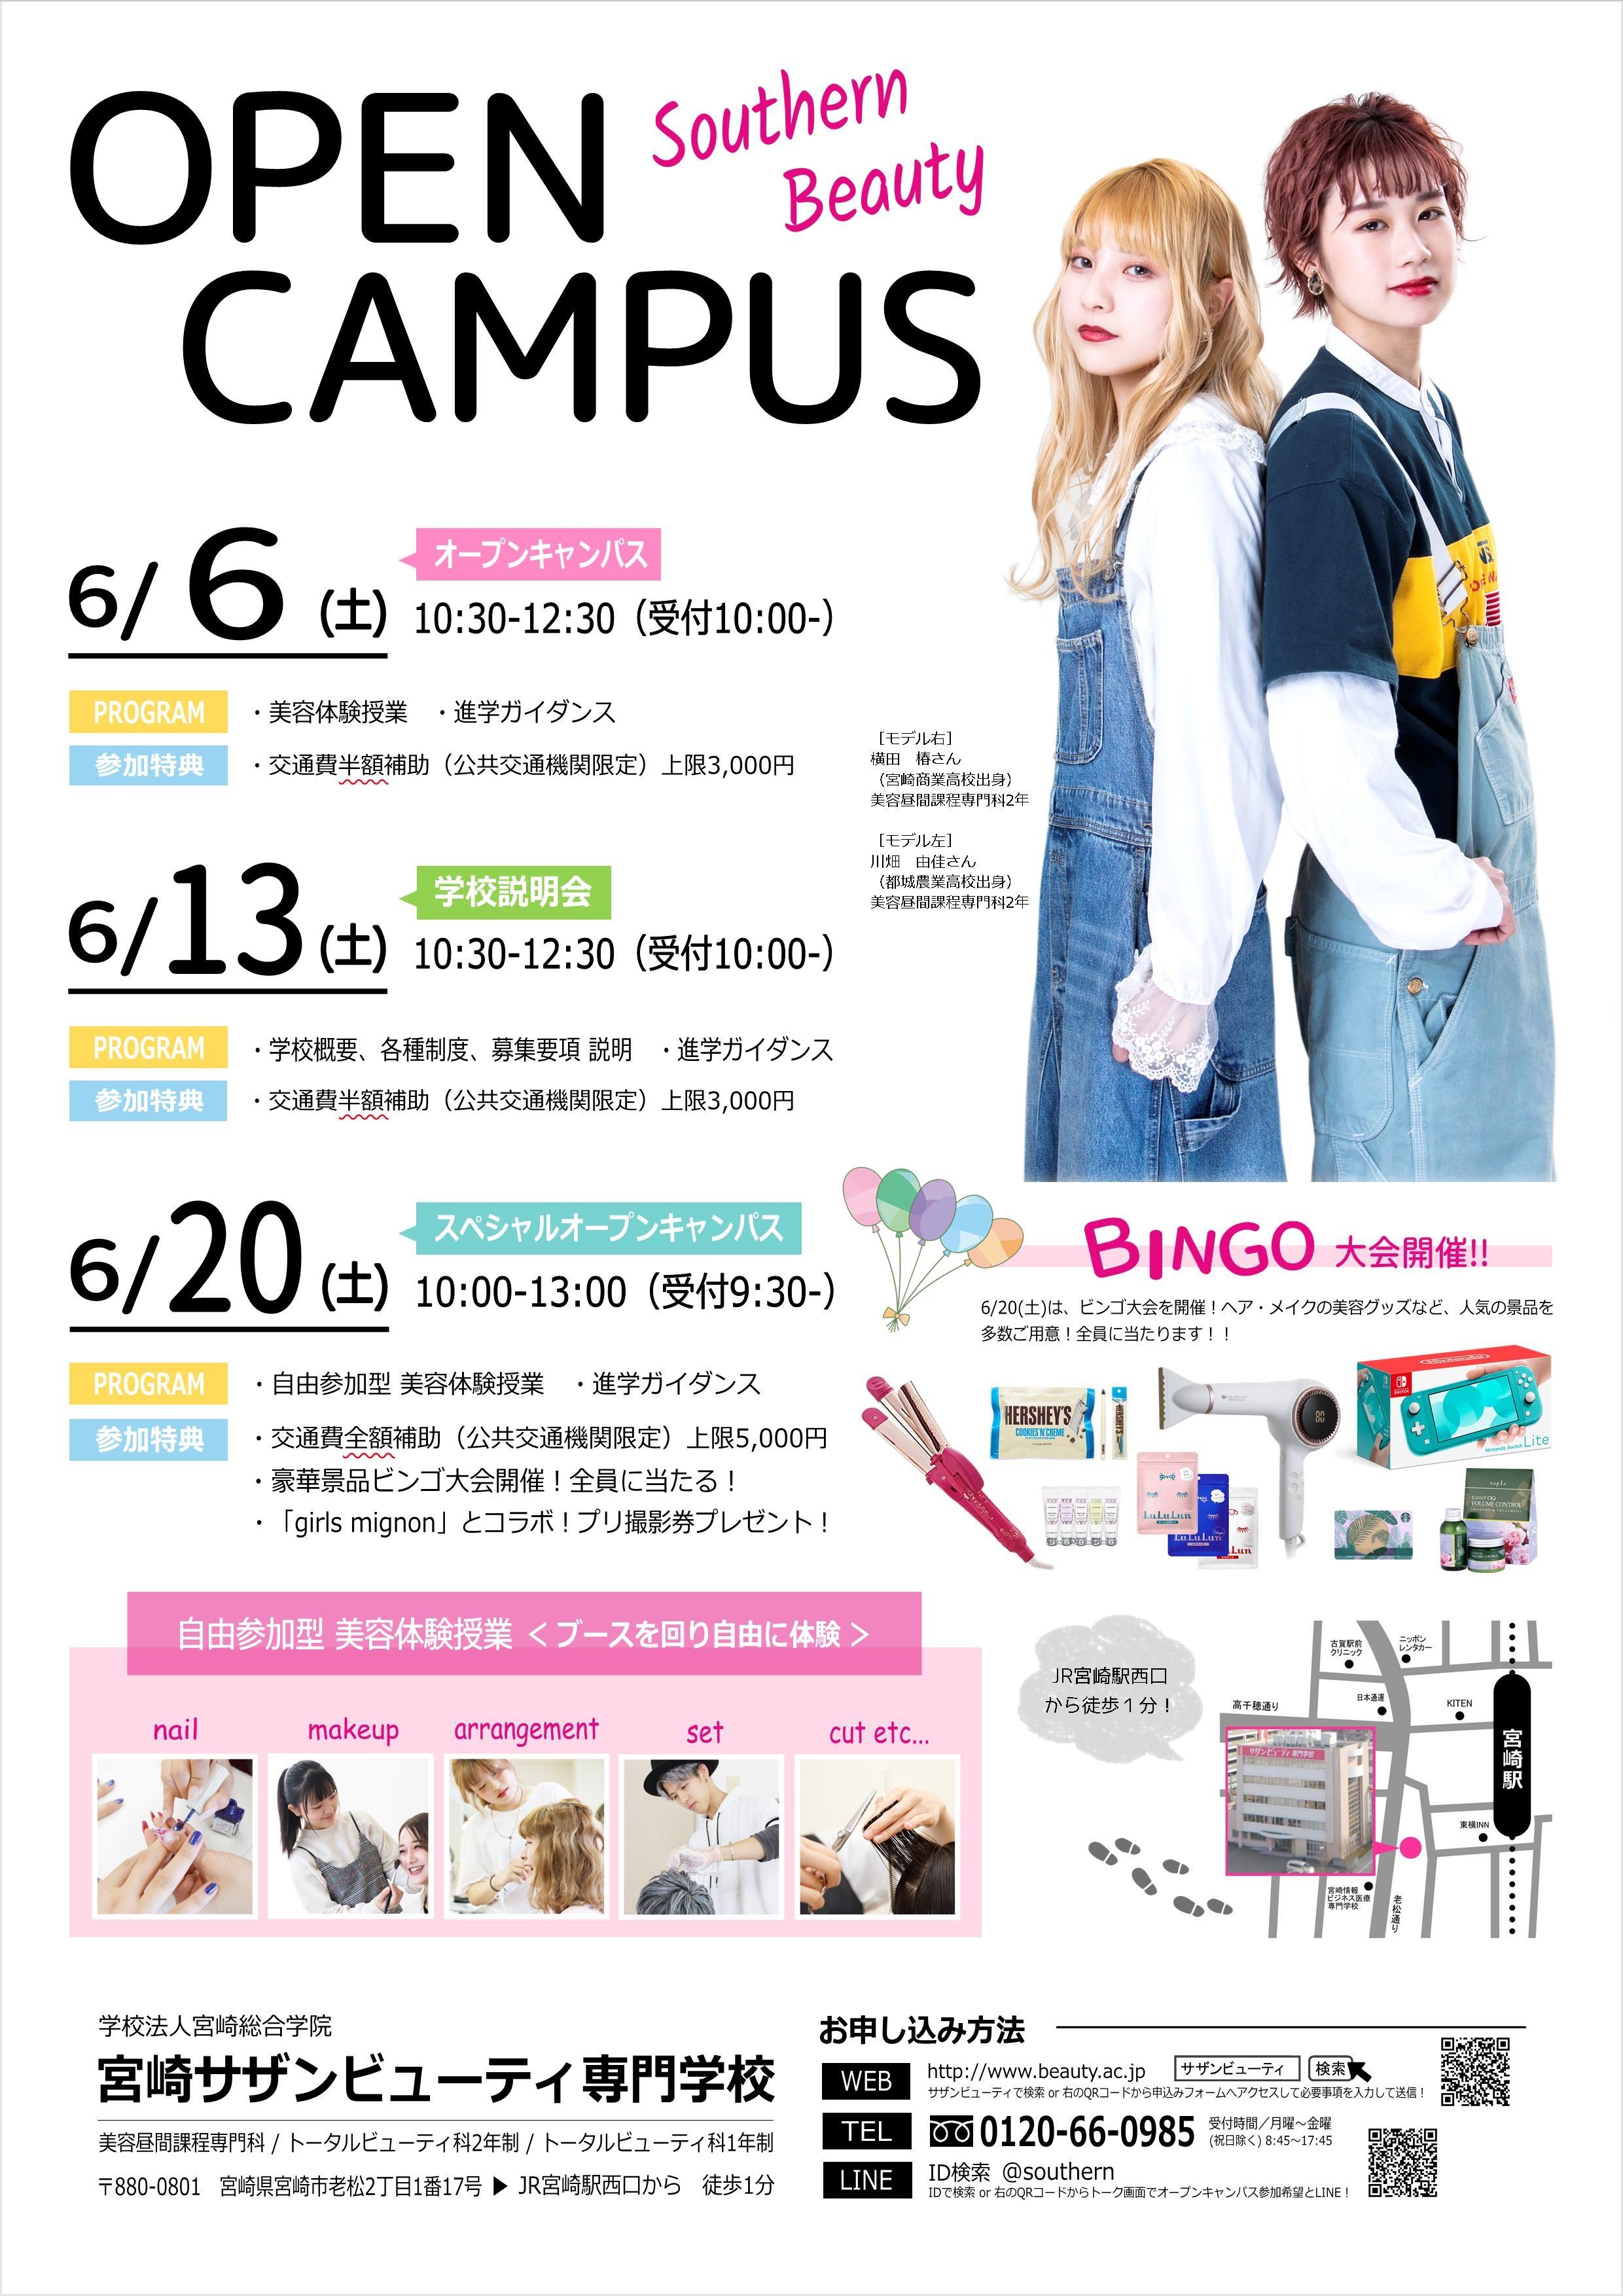 6月開催のオープンキャンパス、学校説明会